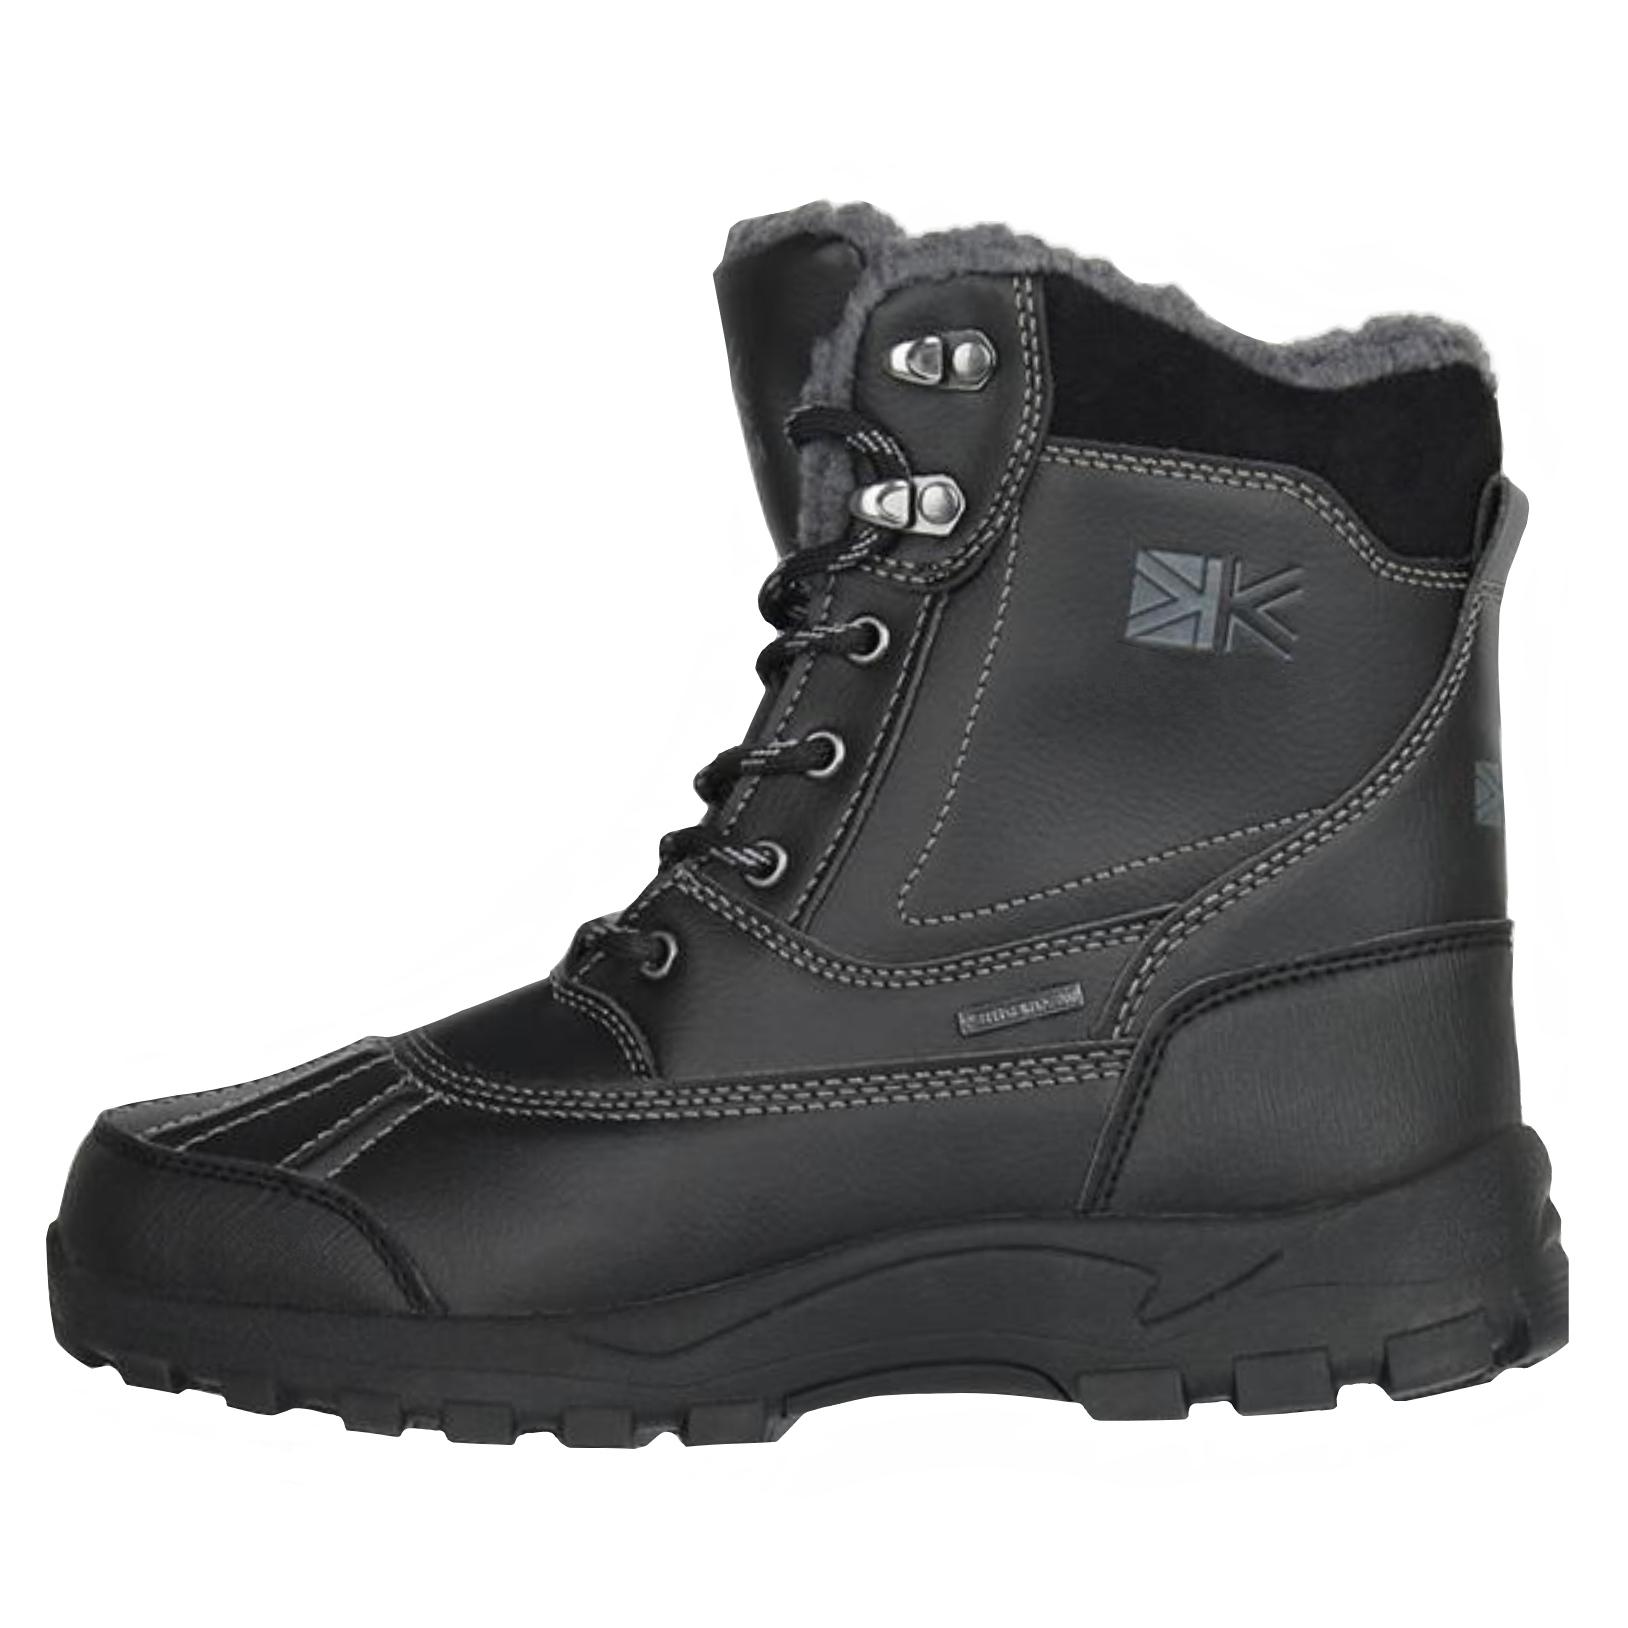 کفش کوهنوردی زنانه کریمور مدل K815-BLK